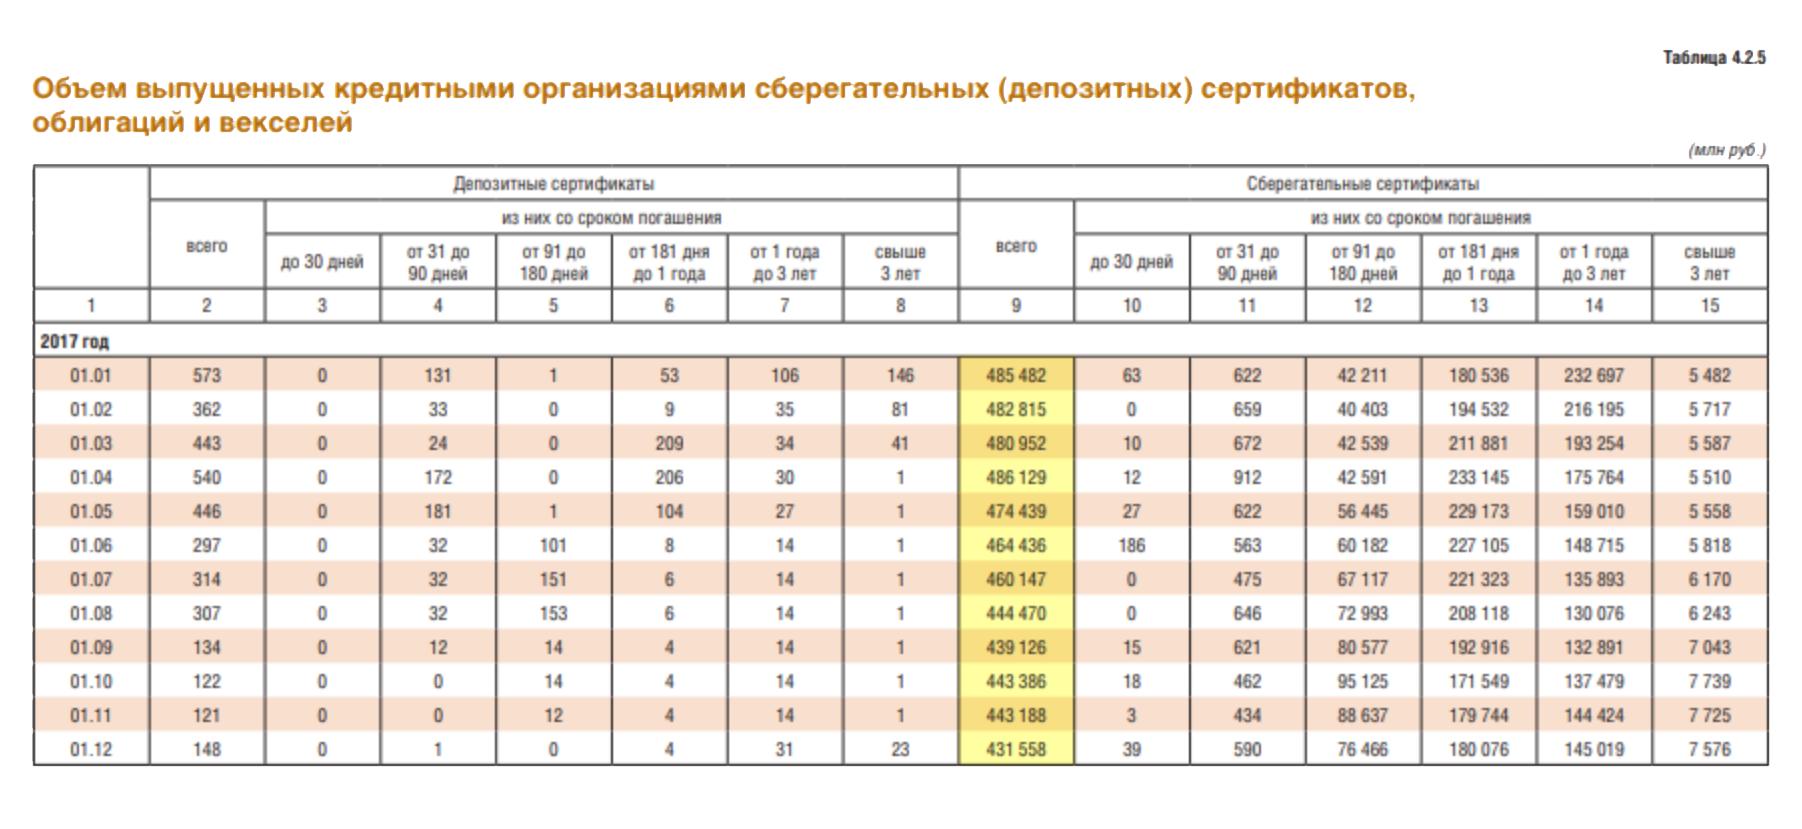 Поданным изстатистического бюллетеня Банка России №1 за2018год, в2017году люди купили сберегательных сертификатов на5,536трлн рублей